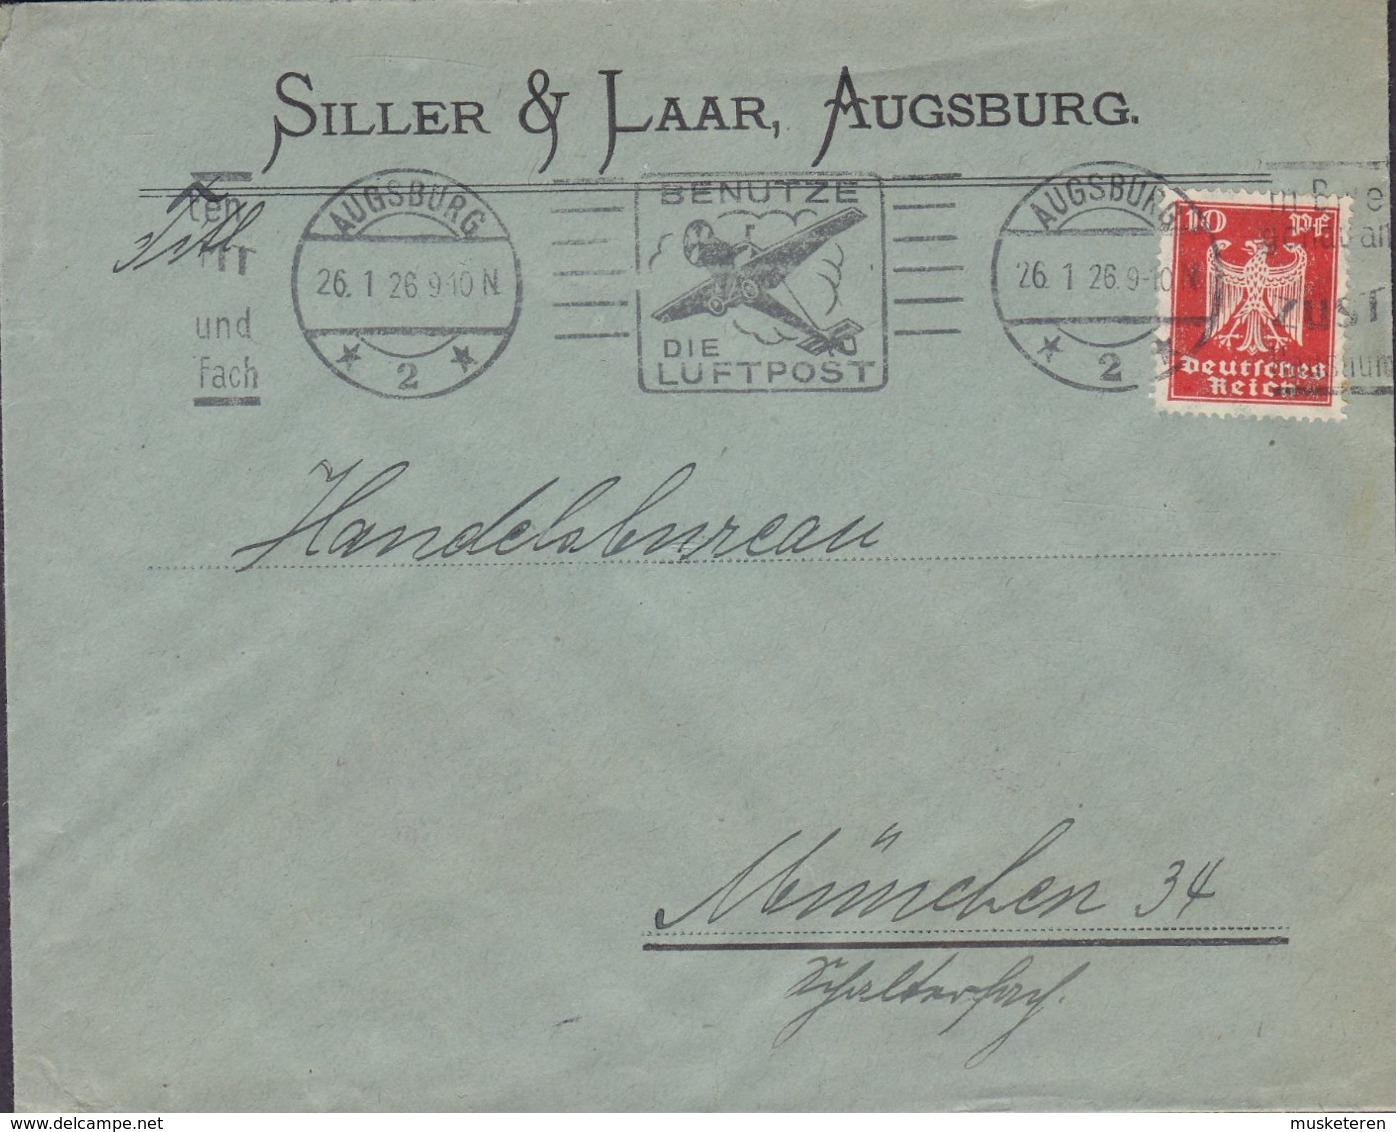 Deutsches Reich SILLER & LAAR Slogan 'Benutze Die Luftpost' AUGSBURG 1926 Cover Brief Adler Stamp - Deutschland